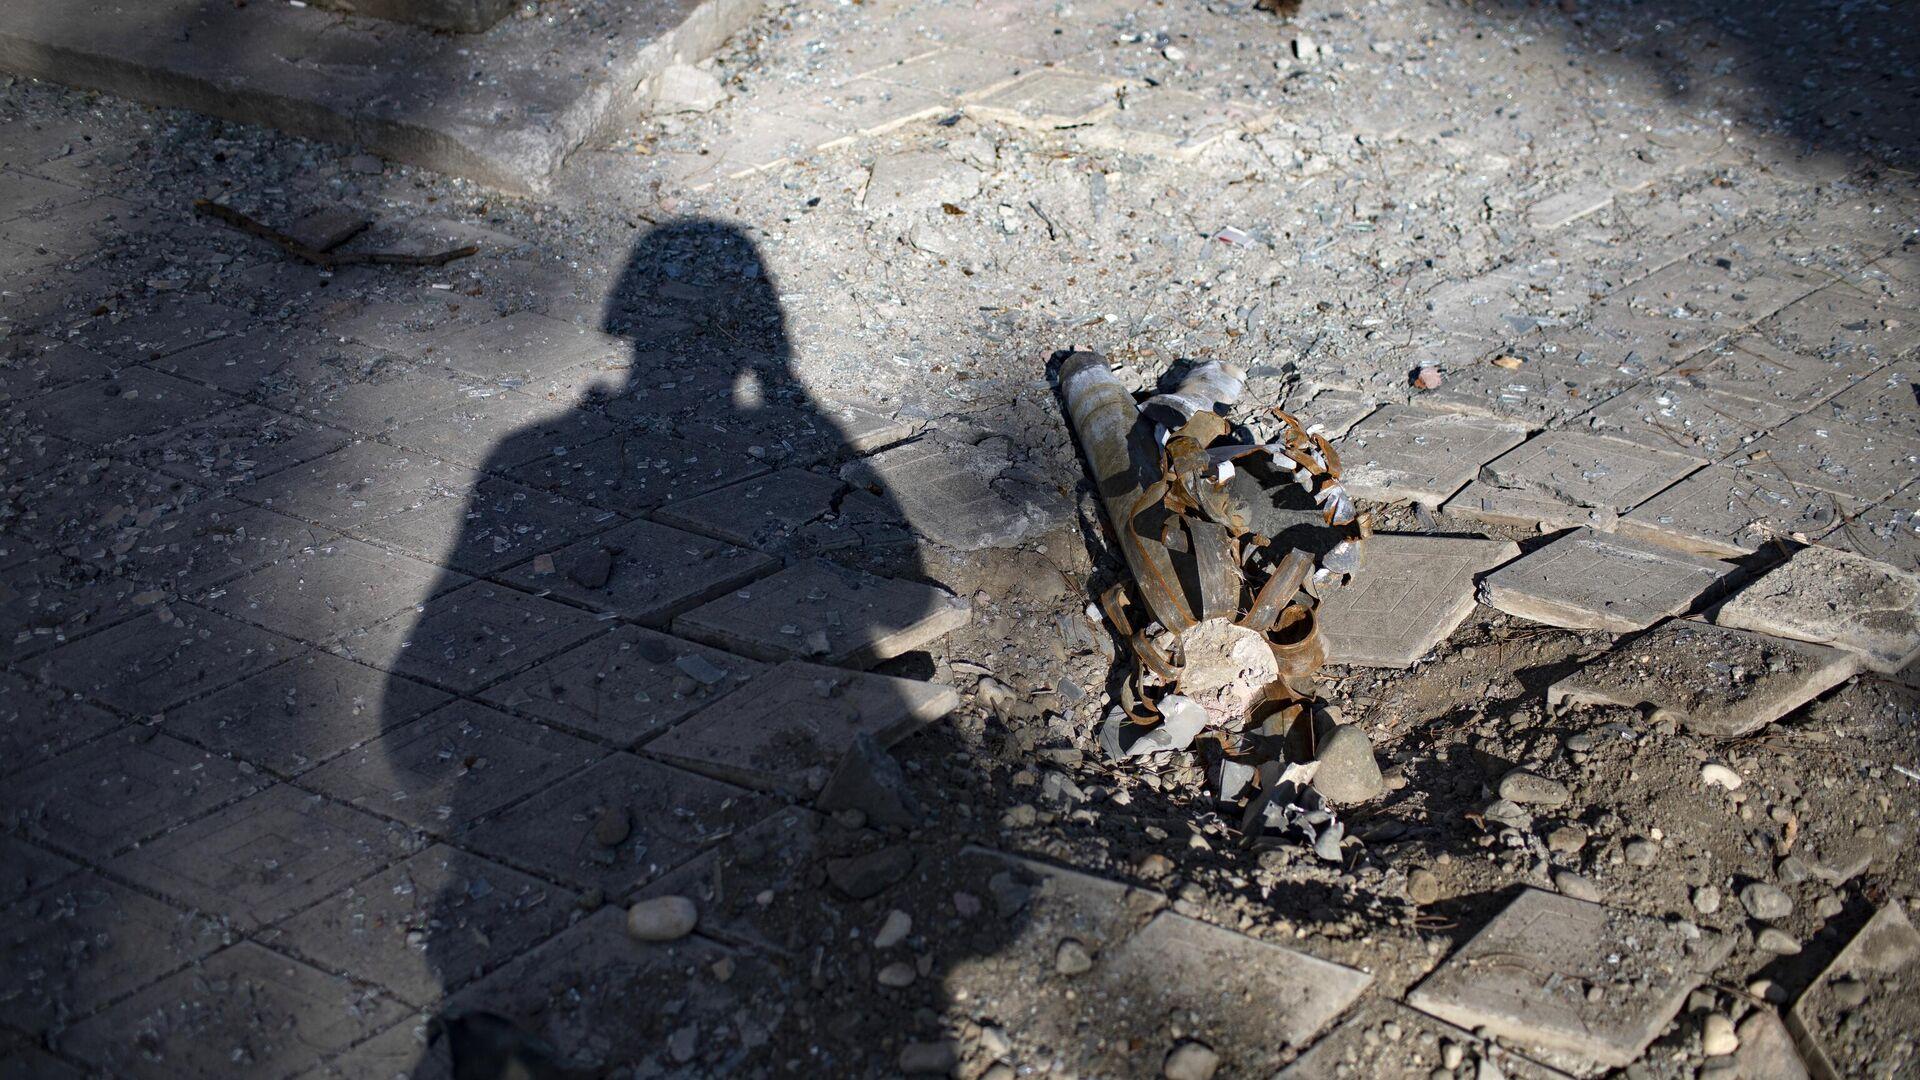 Фрагмент снаряда, разорвавшегося во время обстрела города Мартуни в Нагорном Карабахе - РИА Новости, 1920, 27.10.2020